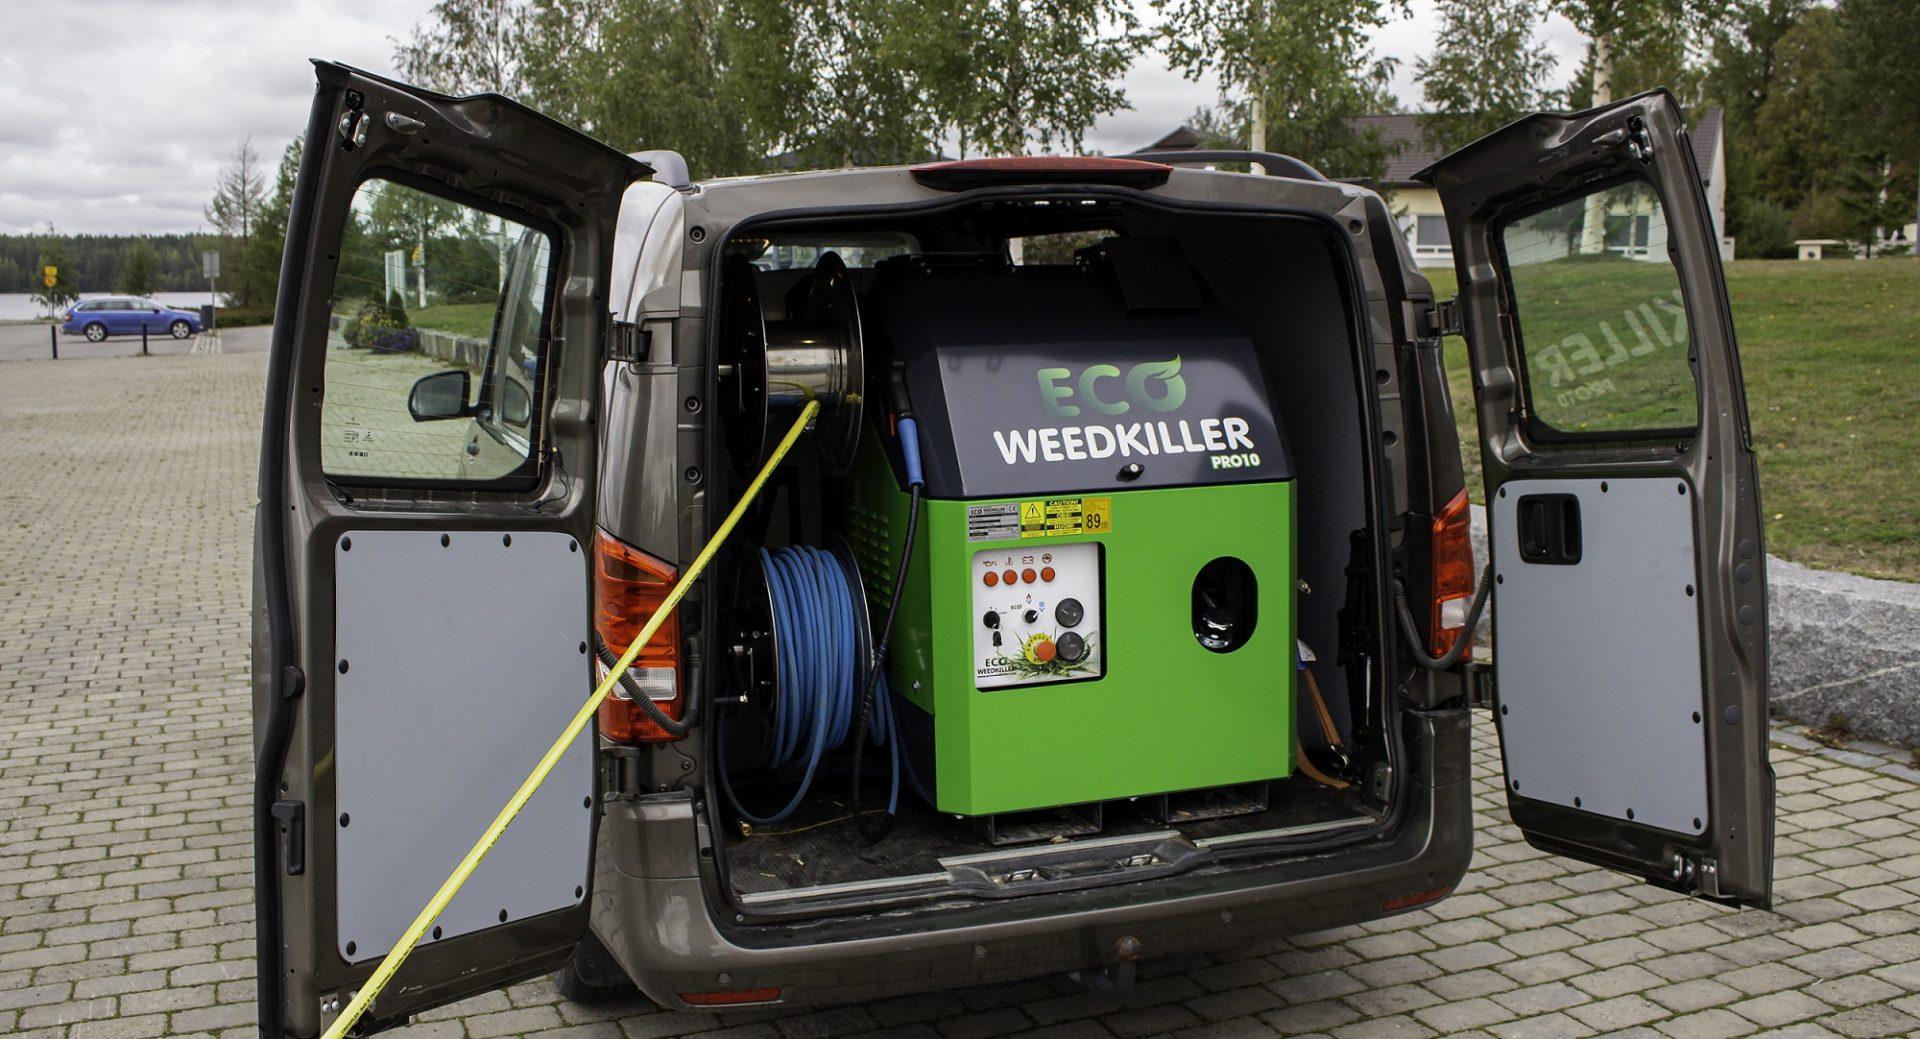 Eco Weedkiller PRO10 fits in a van